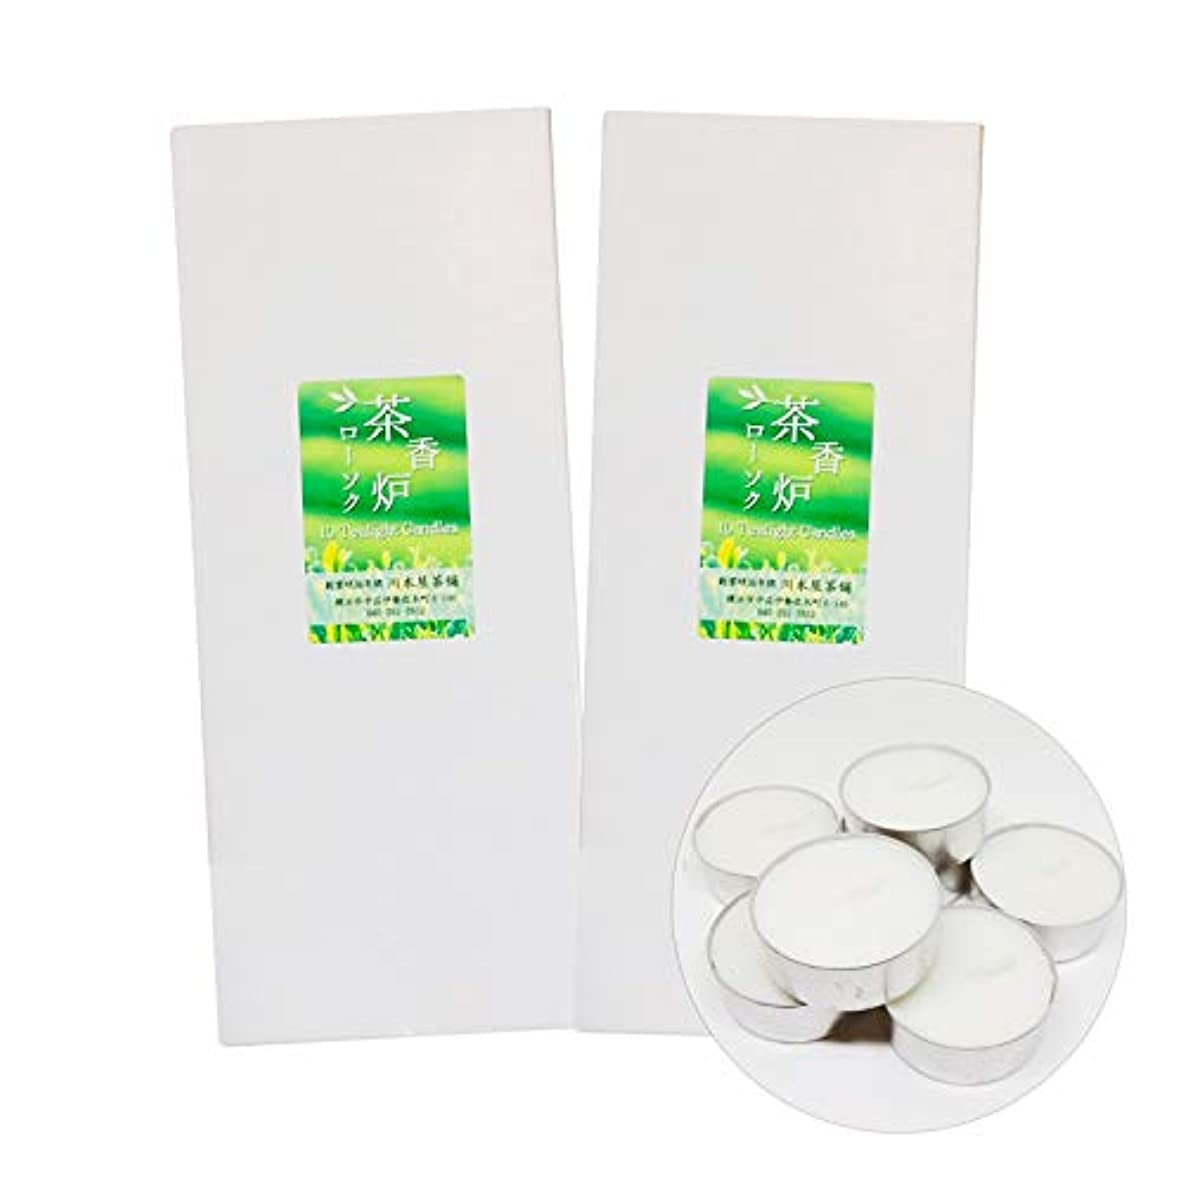 九る分数茶香炉専用 ろうそく キャンドル 10個入り 川本屋茶舗 (2箱)